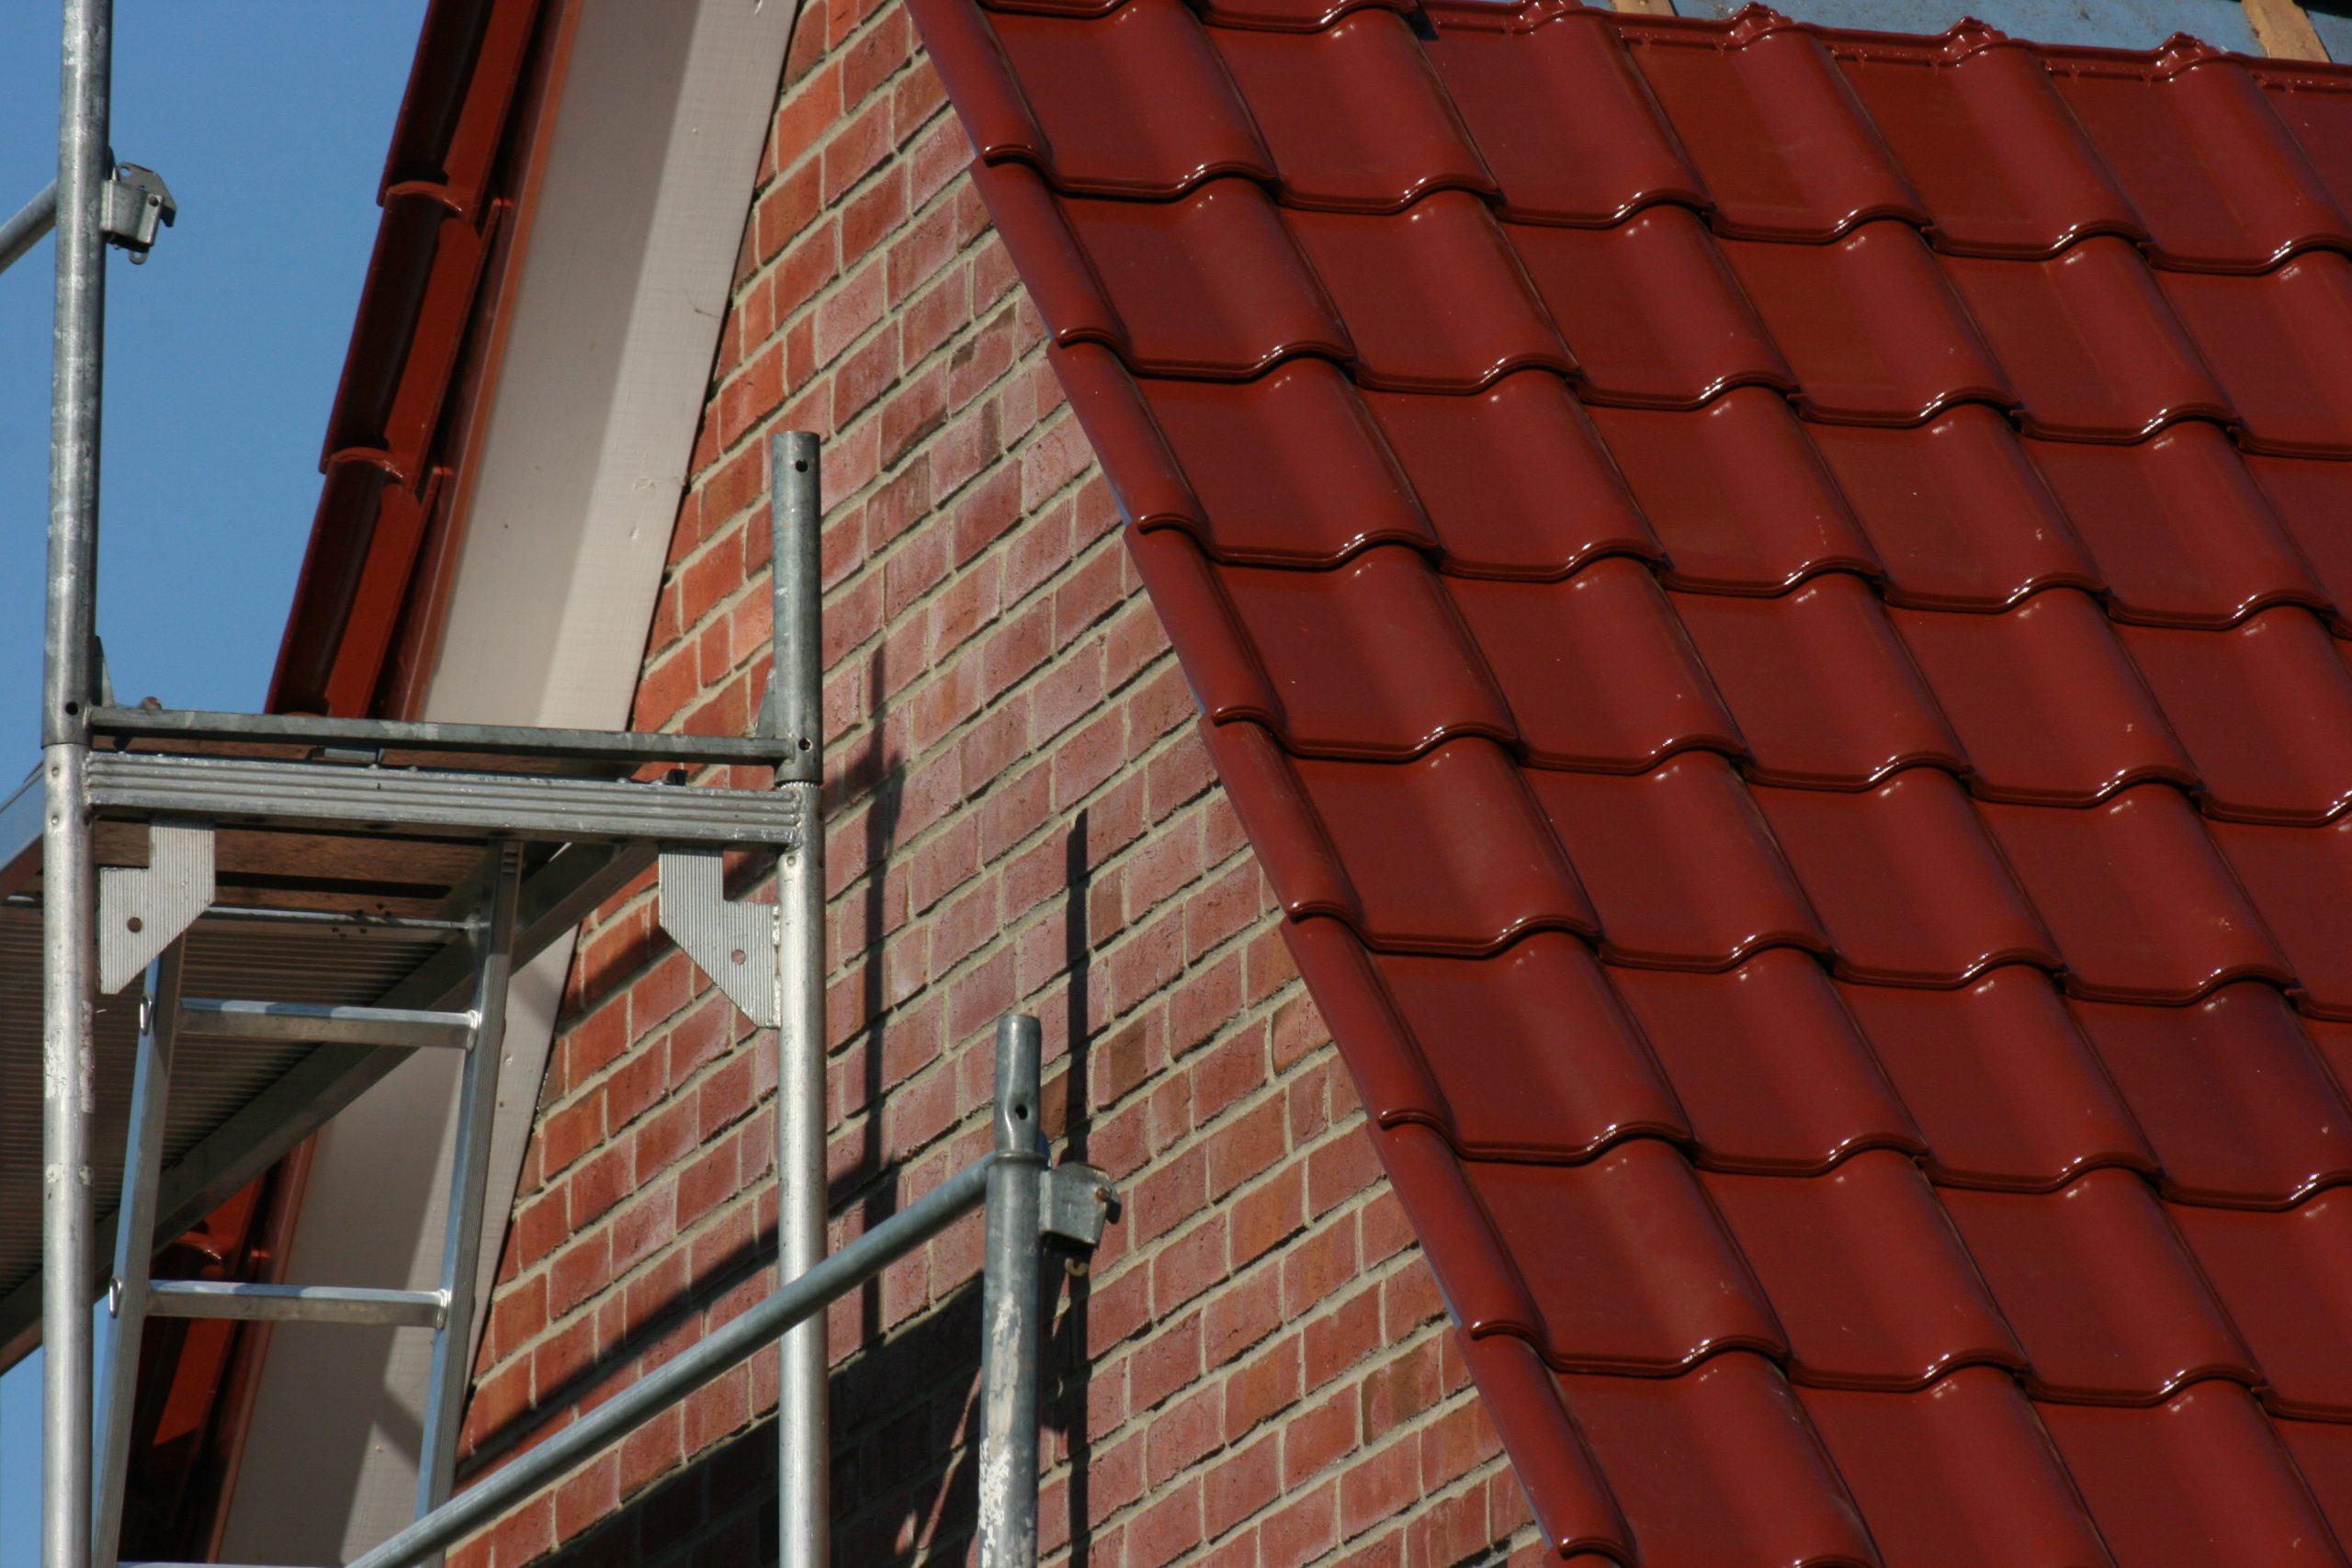 Full Size of Velux Ersatzteile Fenster Einbauen Rollo Preise Kaufen Wohnzimmer Velux Ersatzteile